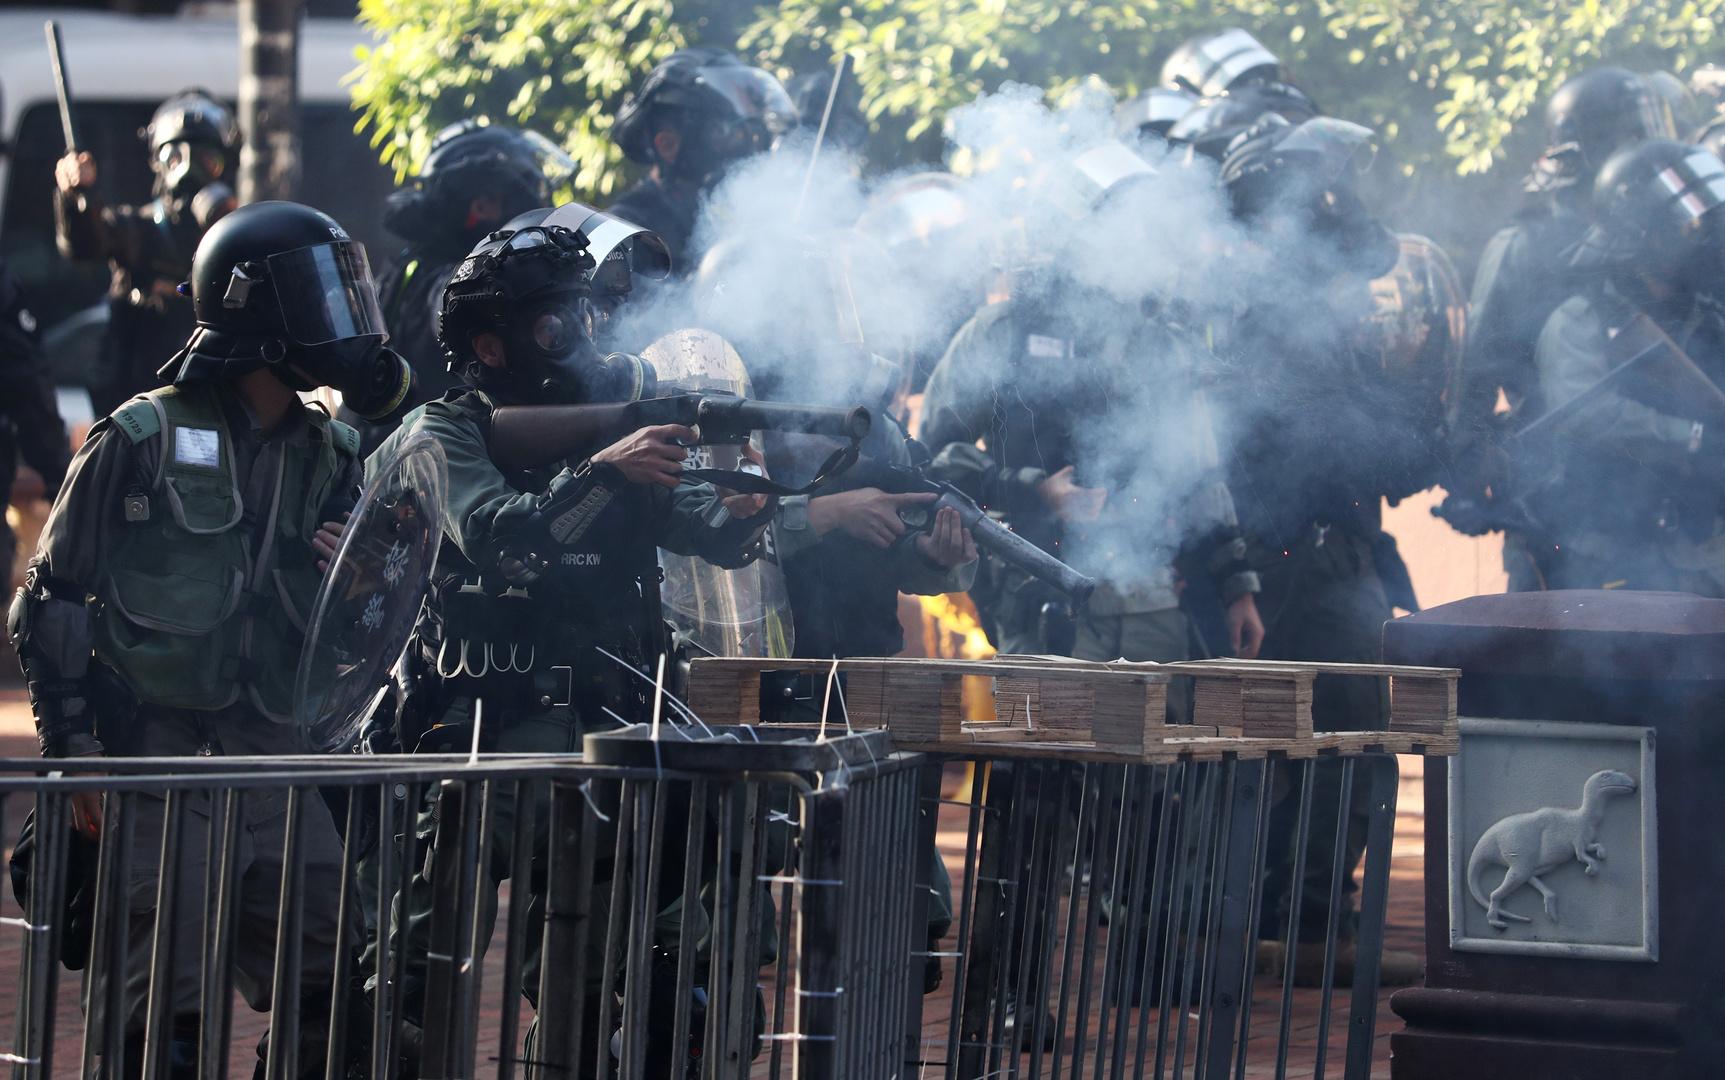 سلطات هونغ كونغ تهدد باستخدام الرصاص الحي ضد